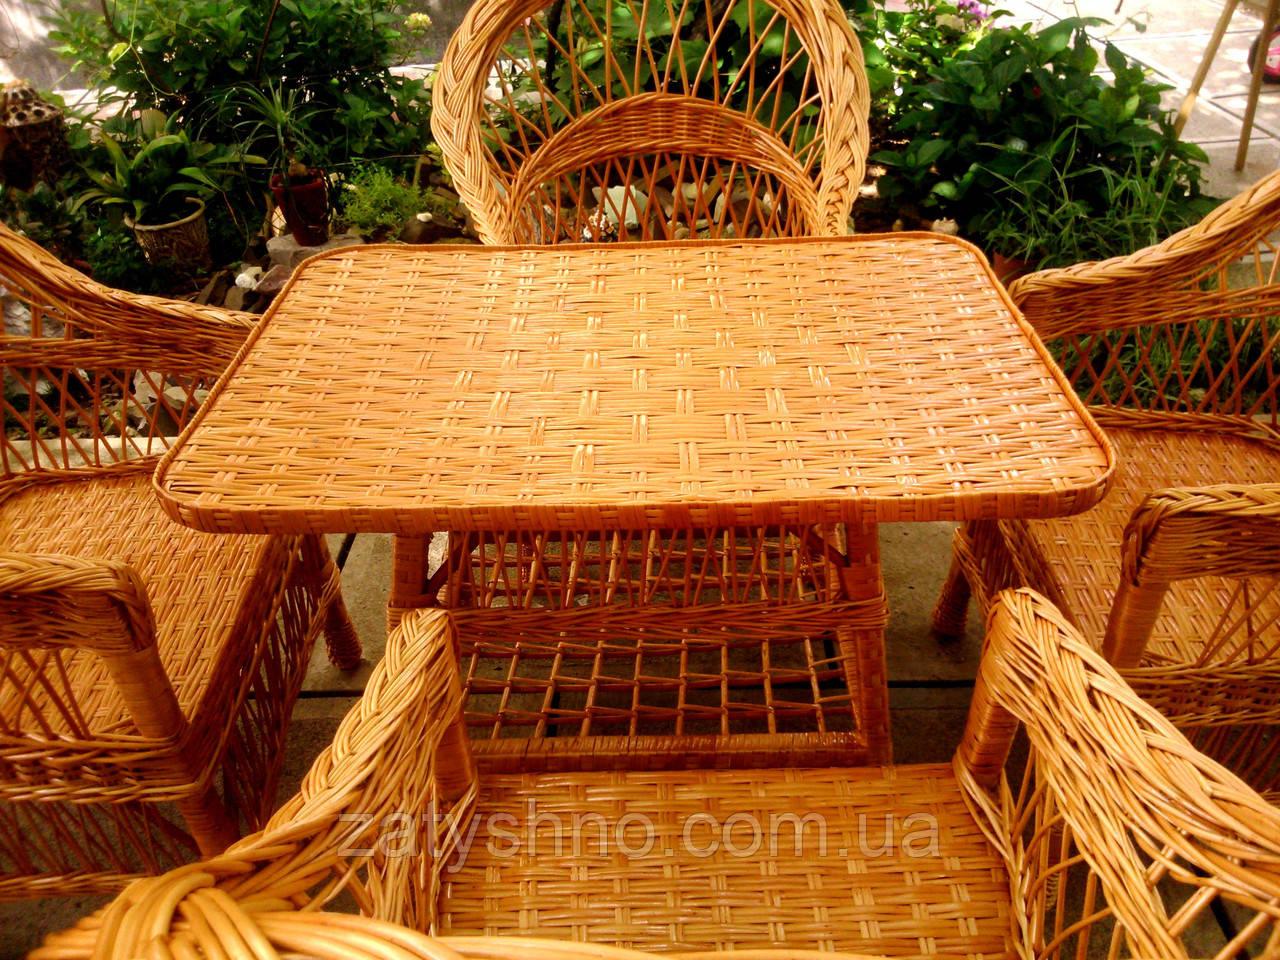 Кресла и стол плетеные из лозы